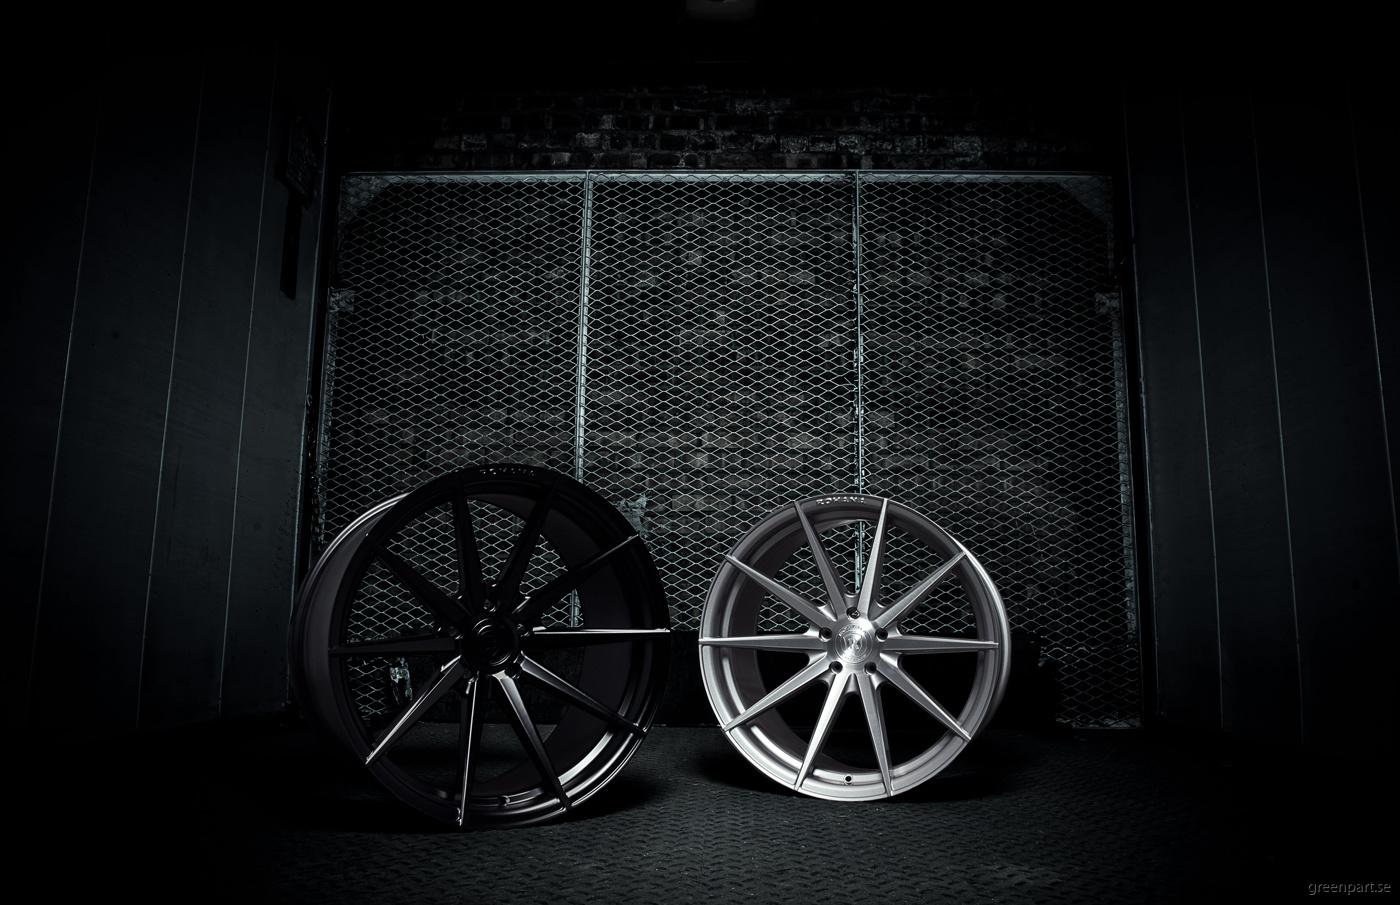 rf1-elevator-two-wheels-copy